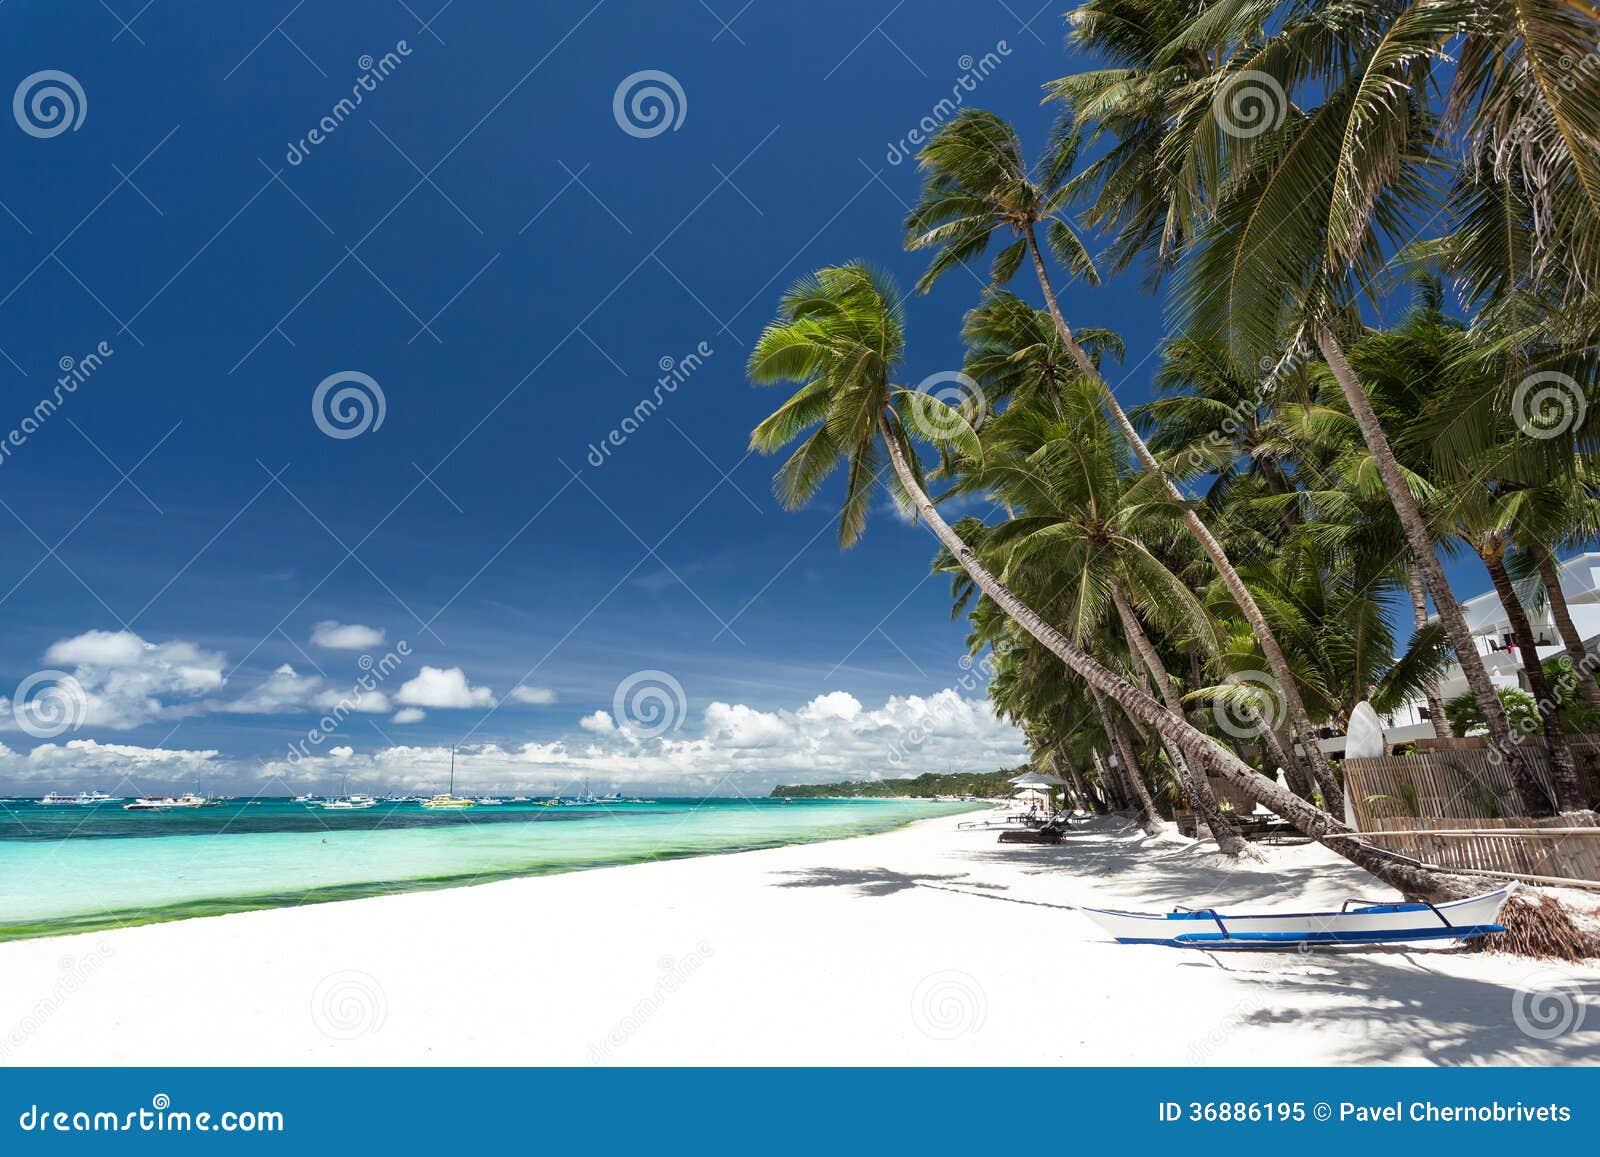 Download Spiaggia Tropicale Con La Palma E La Sabbia Bianca Immagine Stock - Immagine di cielo, litorale: 36886195